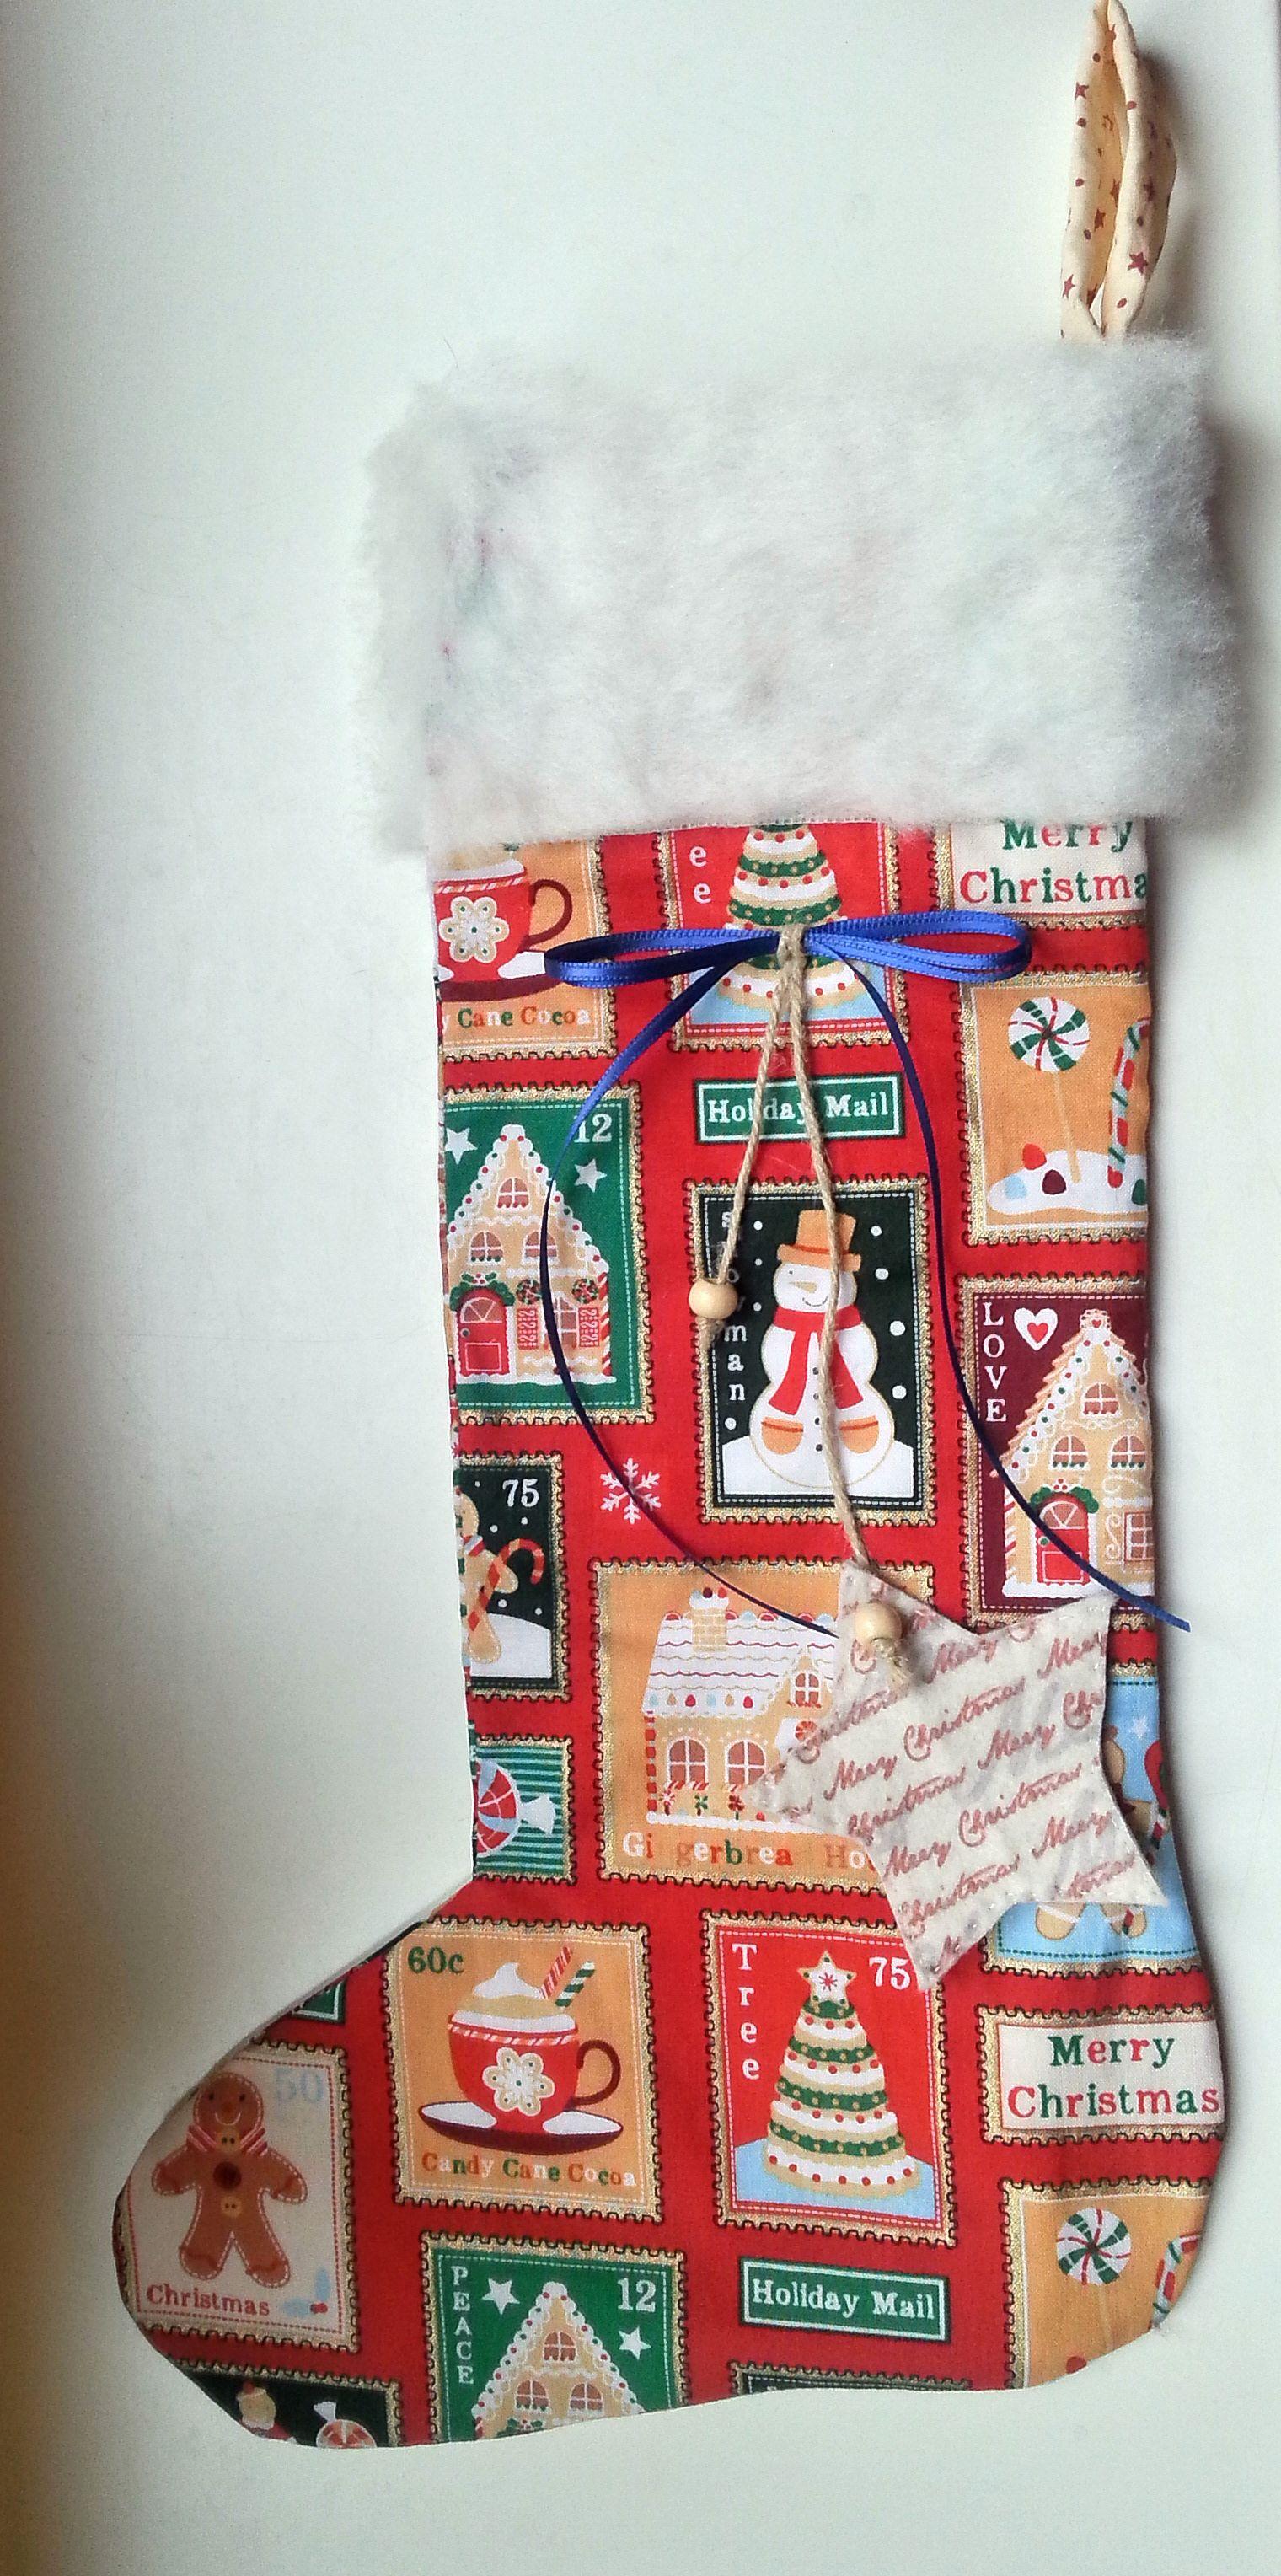 Nikolausstiefel groß Weihnachtsmotive rot  http://de.dawanda.com/product/73516131-Nikolausstiefel-gross-Weihnachtsmotive-rot